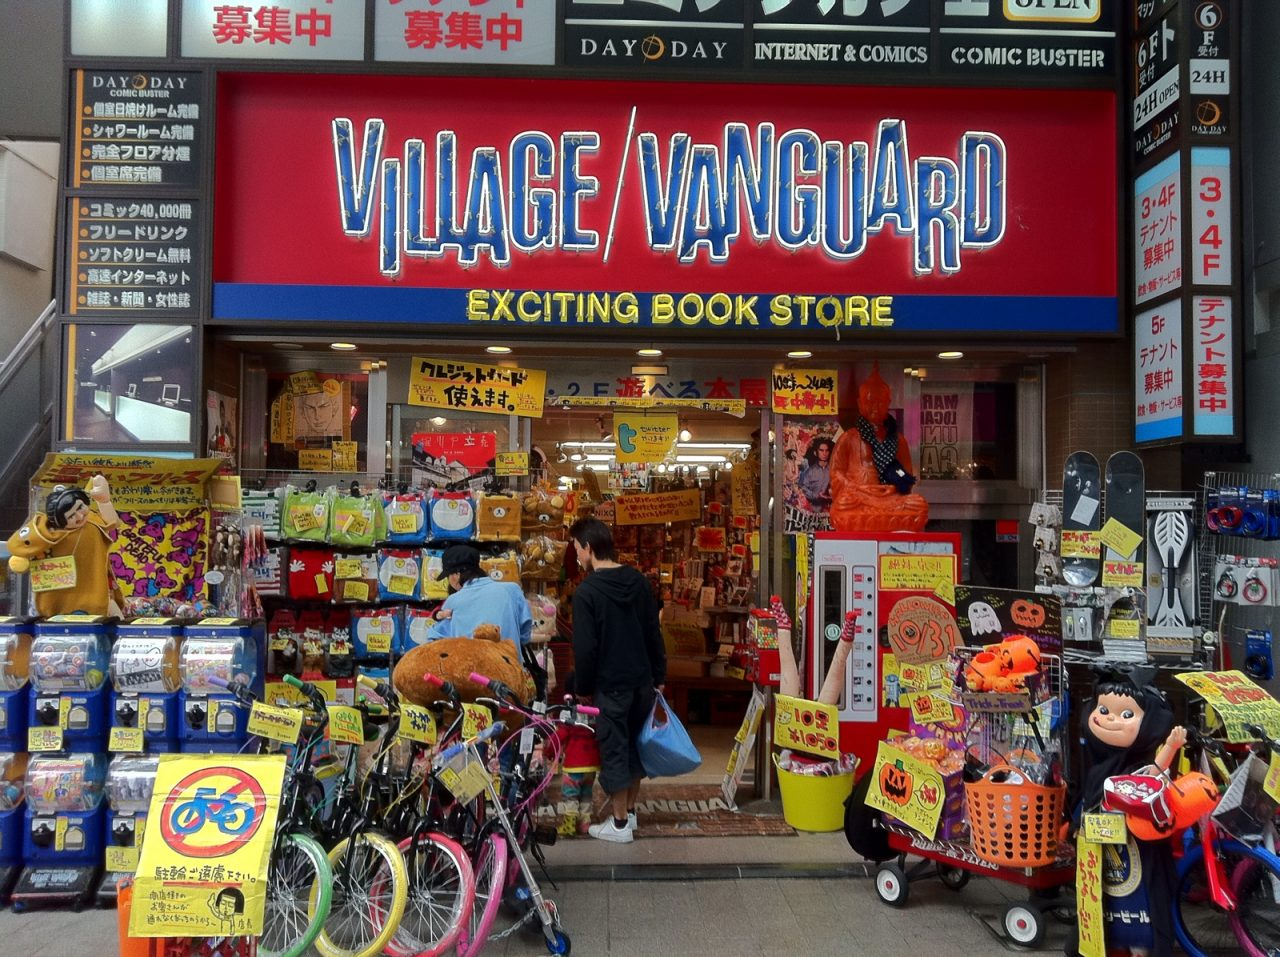 久々にヴィレッジヴァンガードに行ってみた